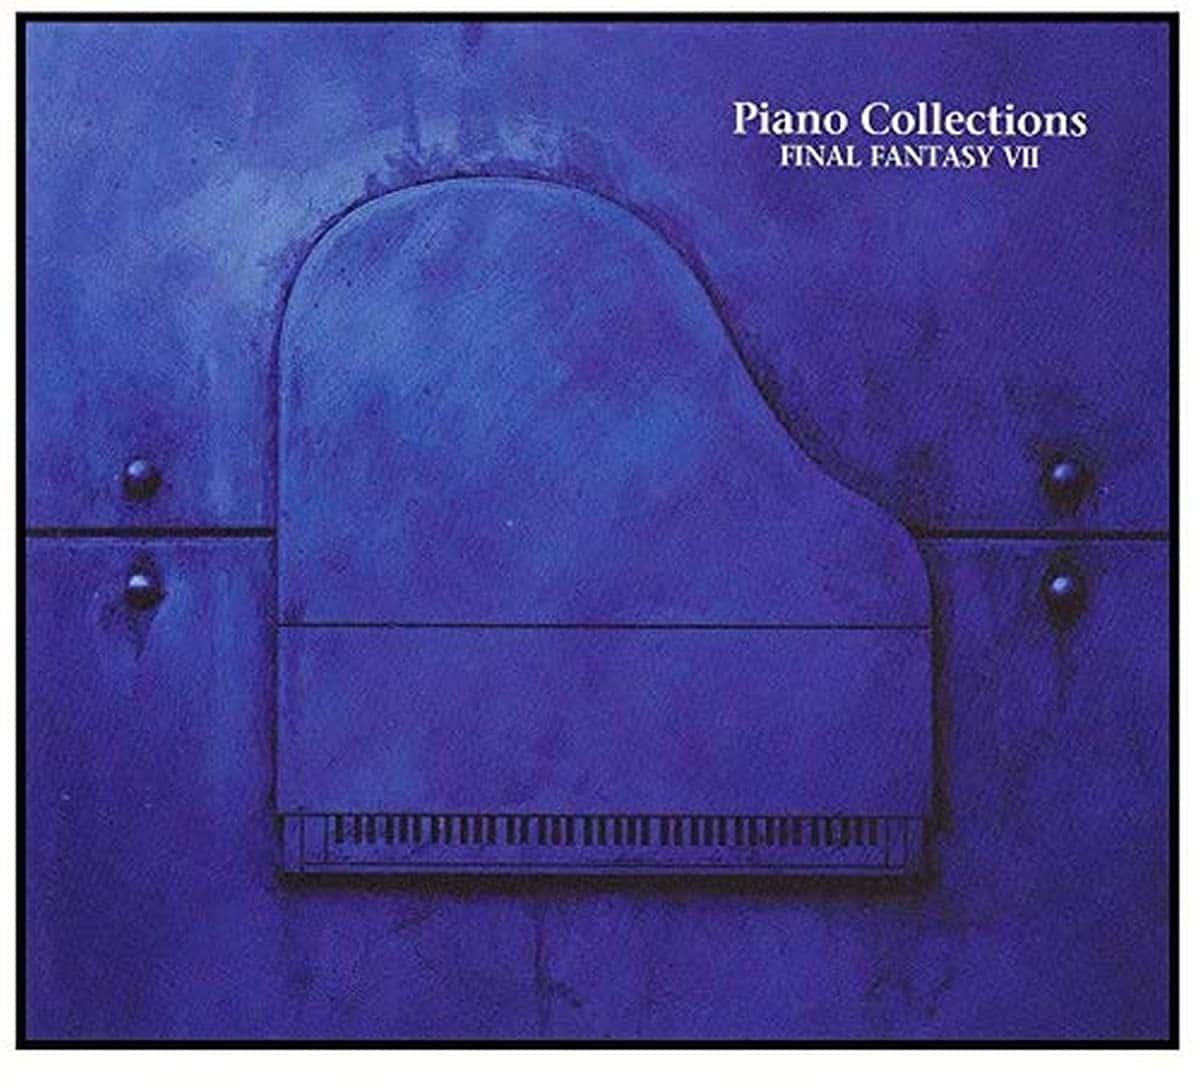 Capa do album Piano Collections: Final Fantasy VII